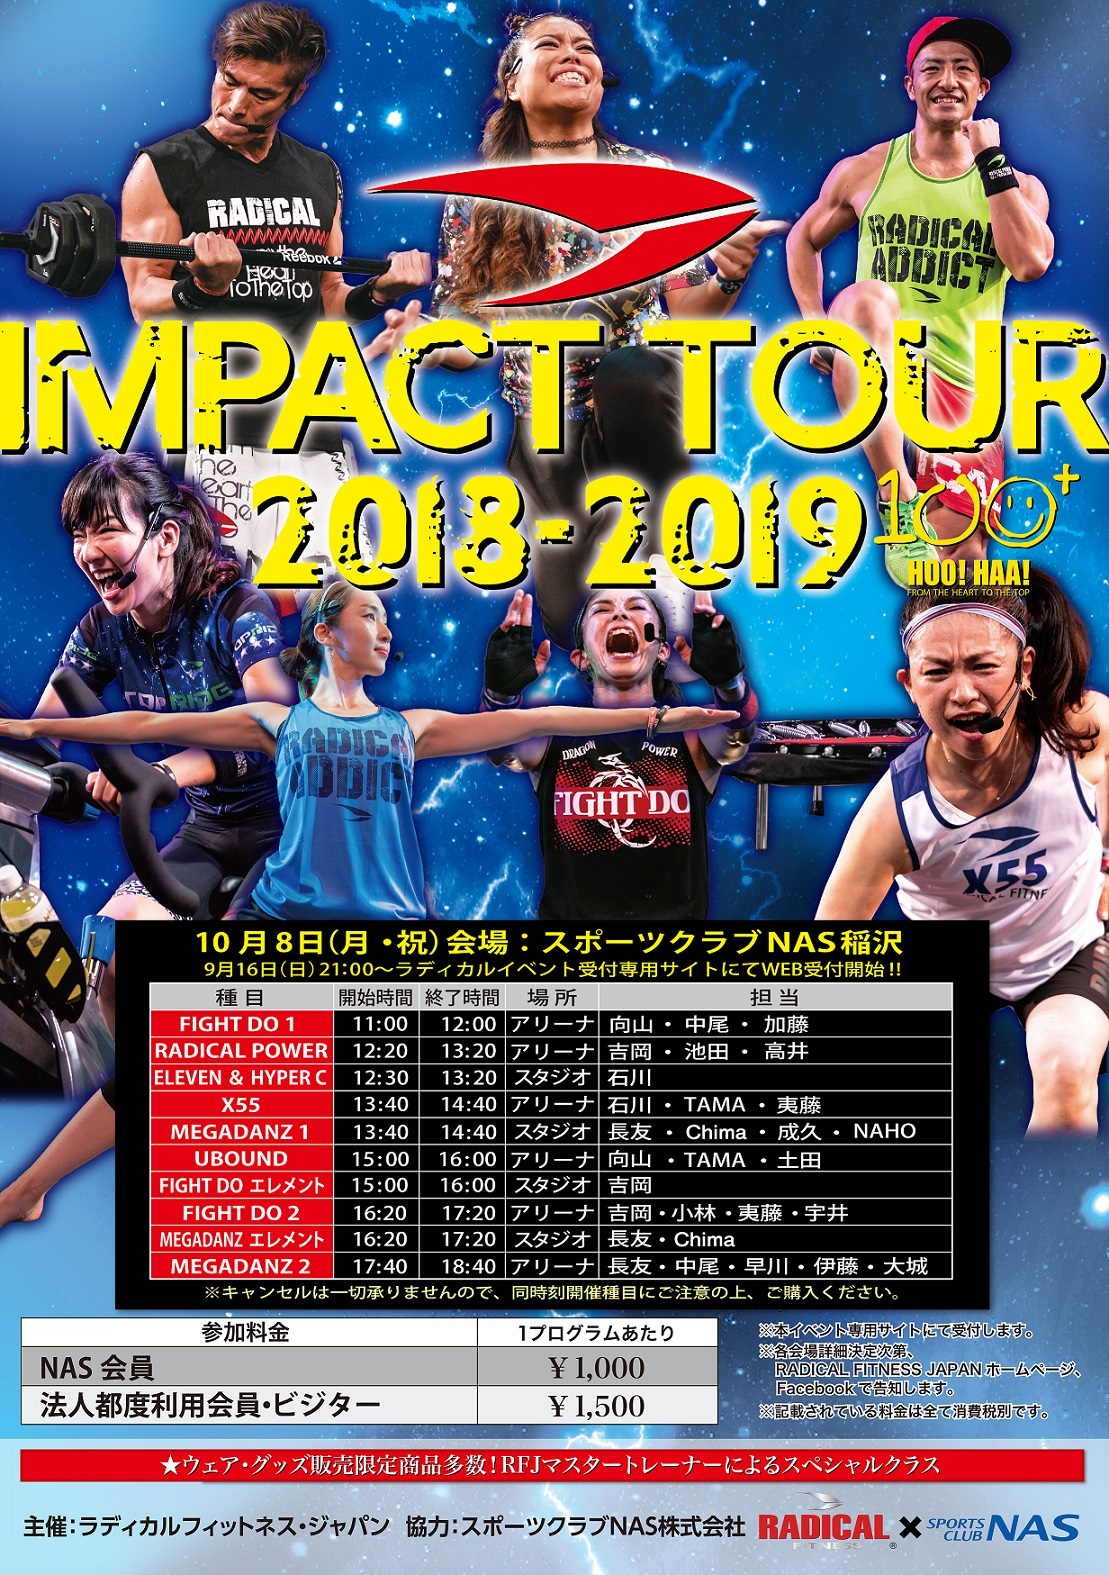 ラディカルインパクトツアー2018-2019 in NAS稲沢 ビジター様